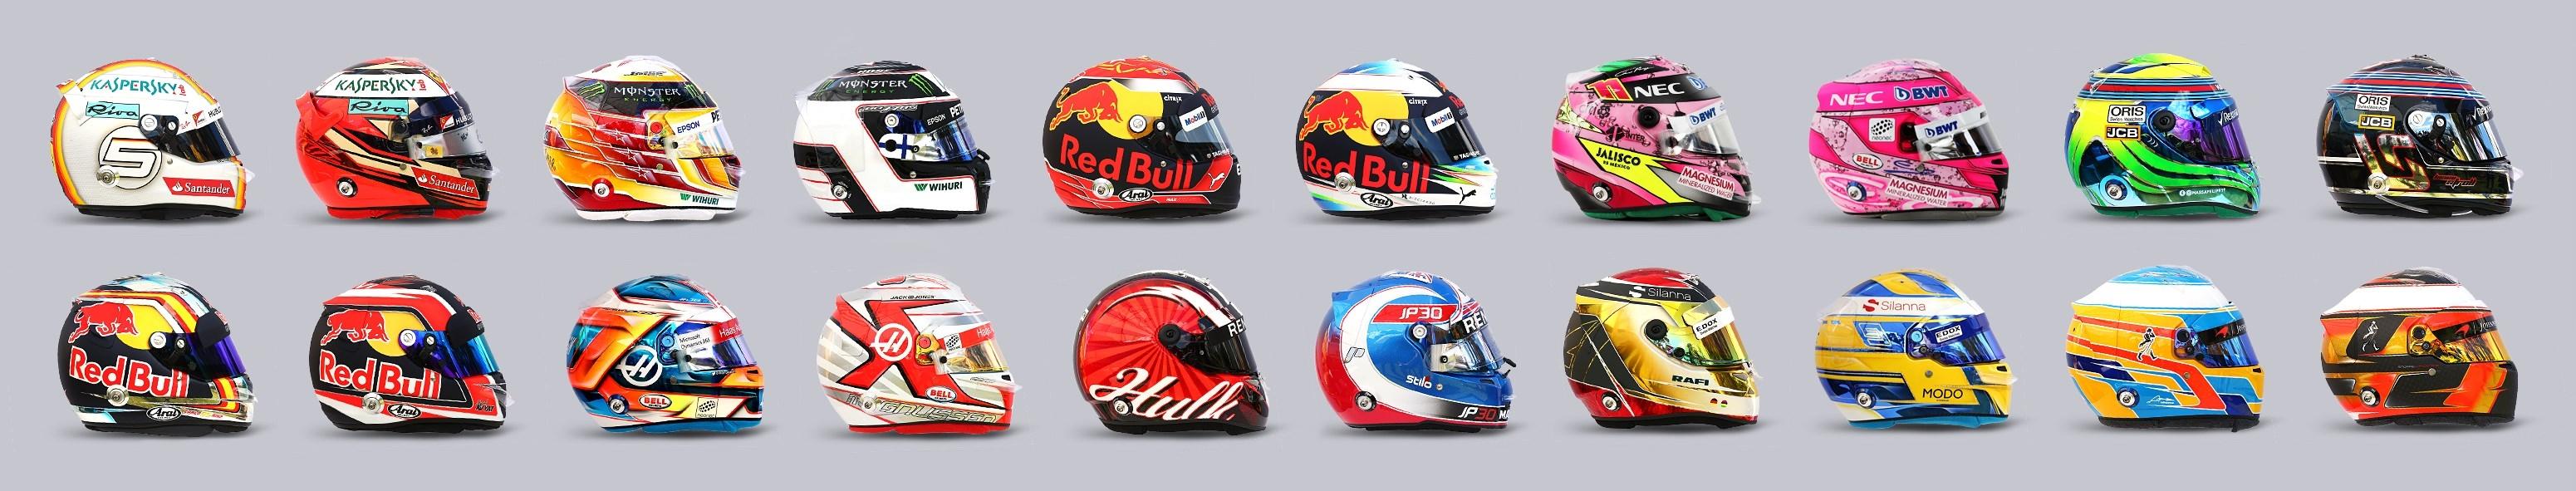 F1 2017 Drivers_Helmets.jpg